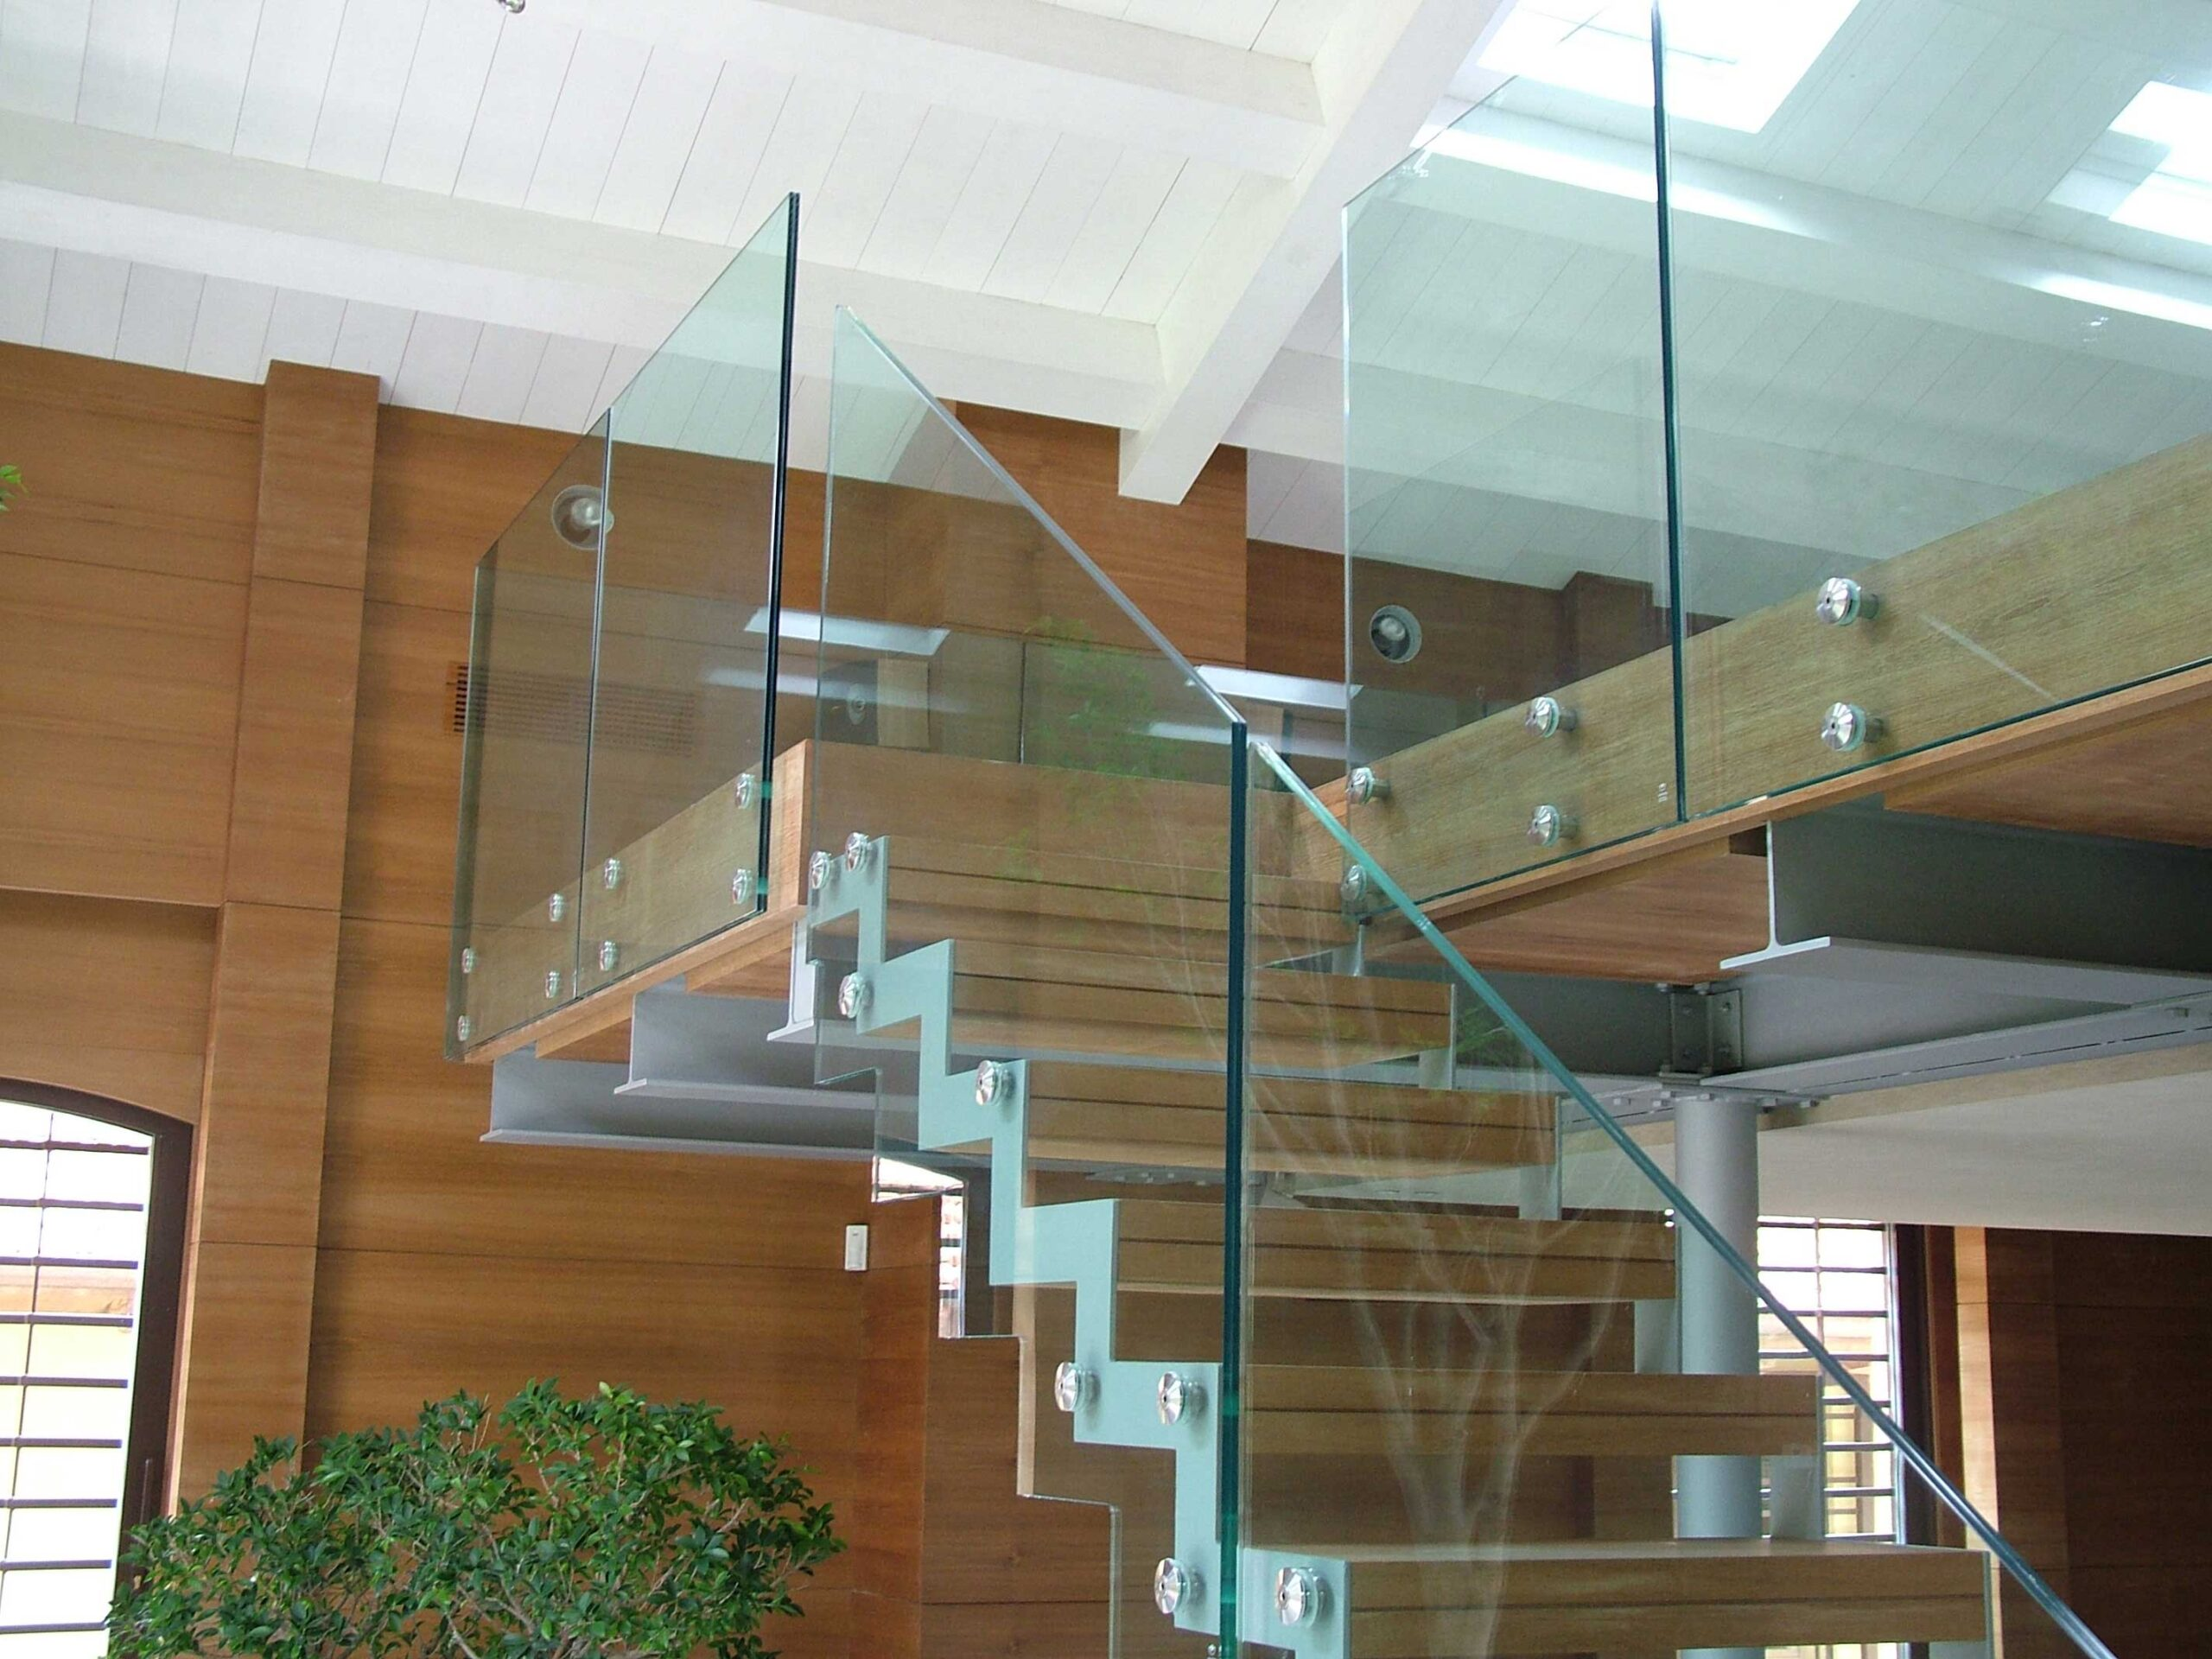 Ограждения из стекла и нержавеющей стали для лестницы